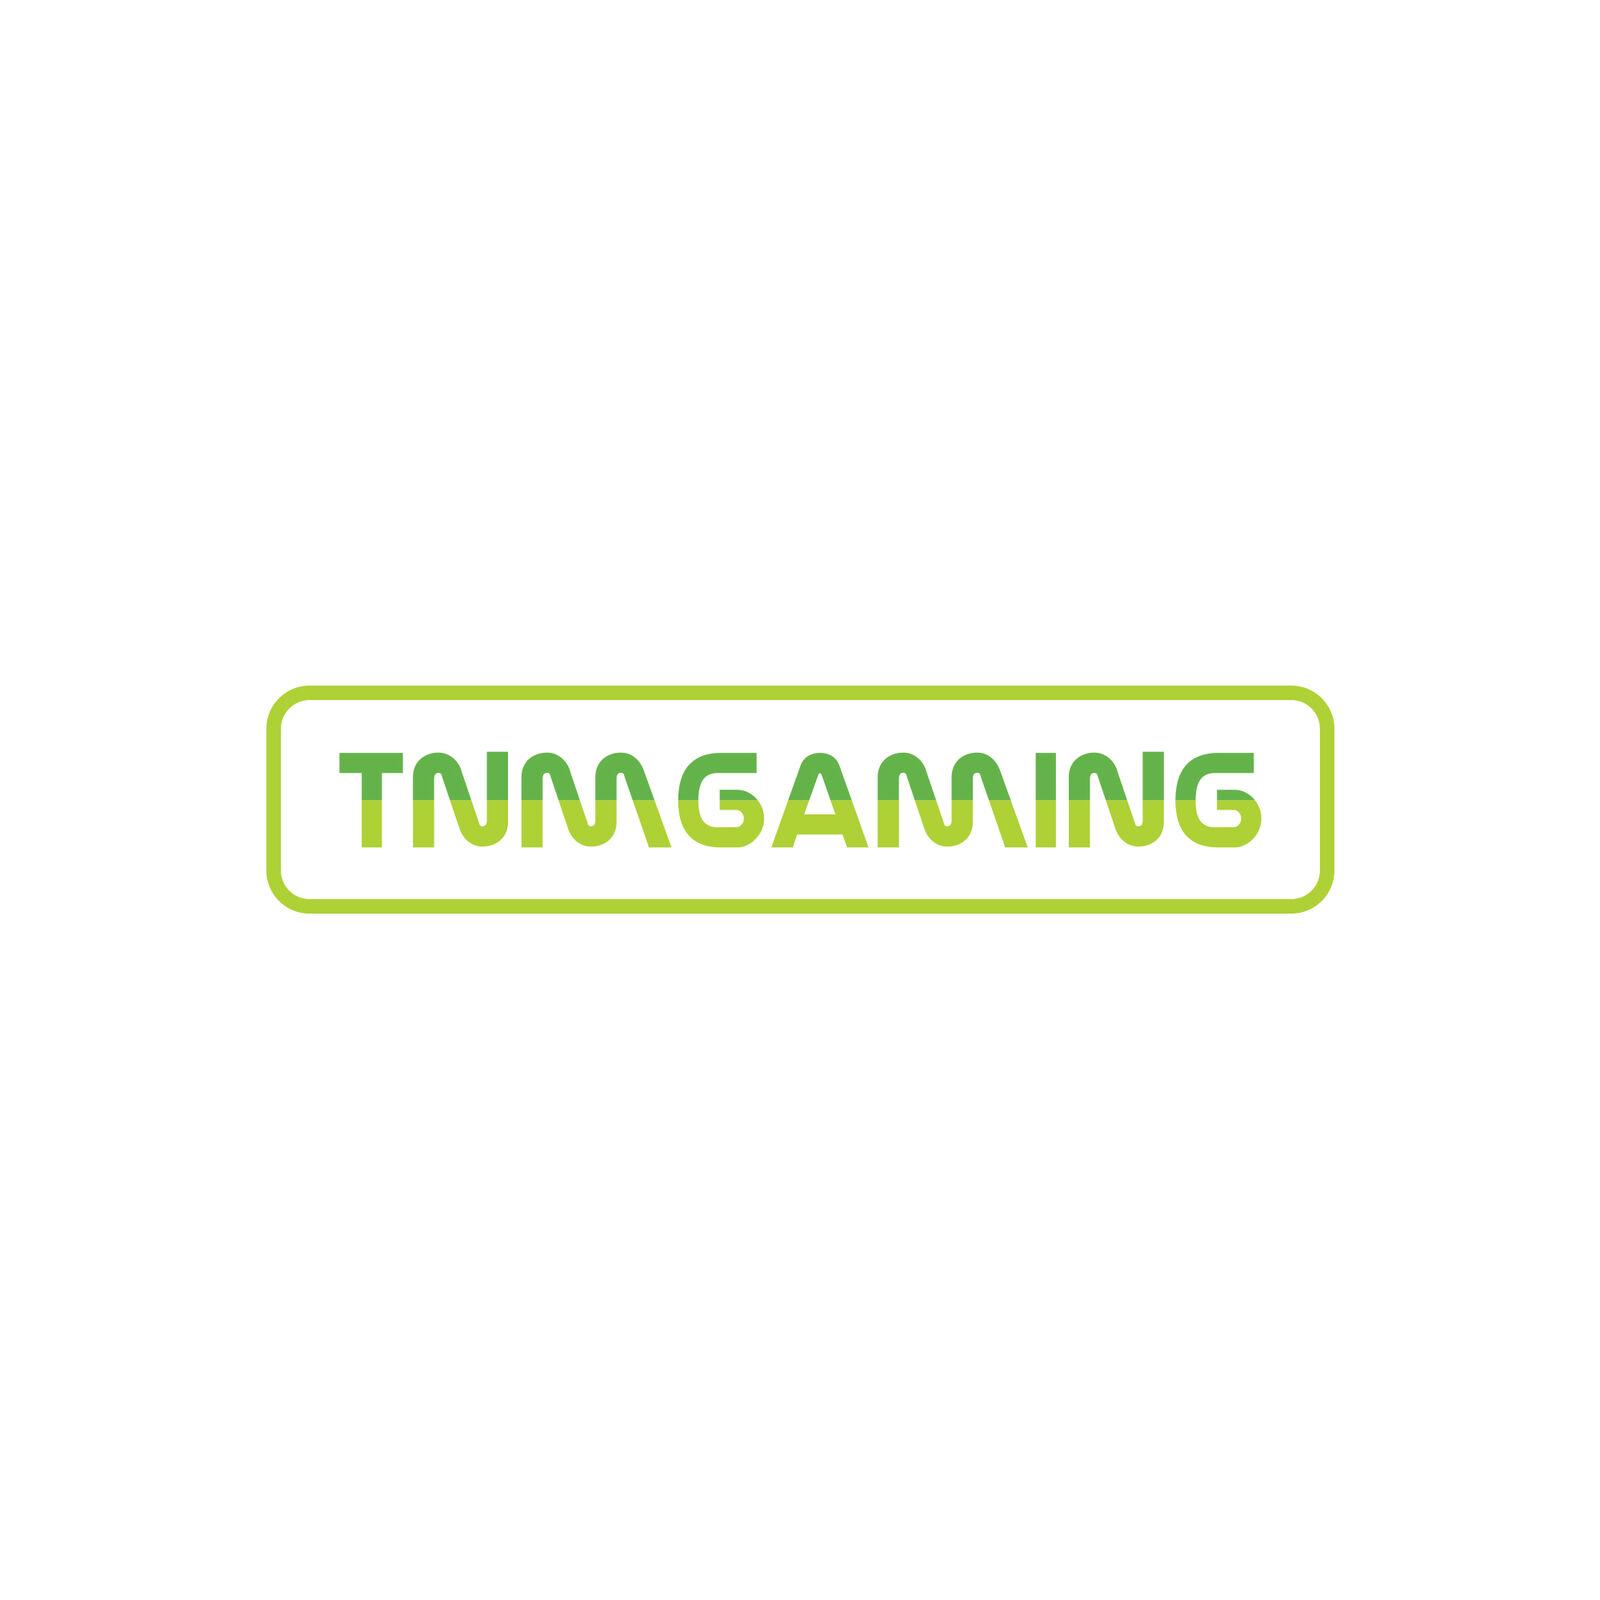 tnm-gaming